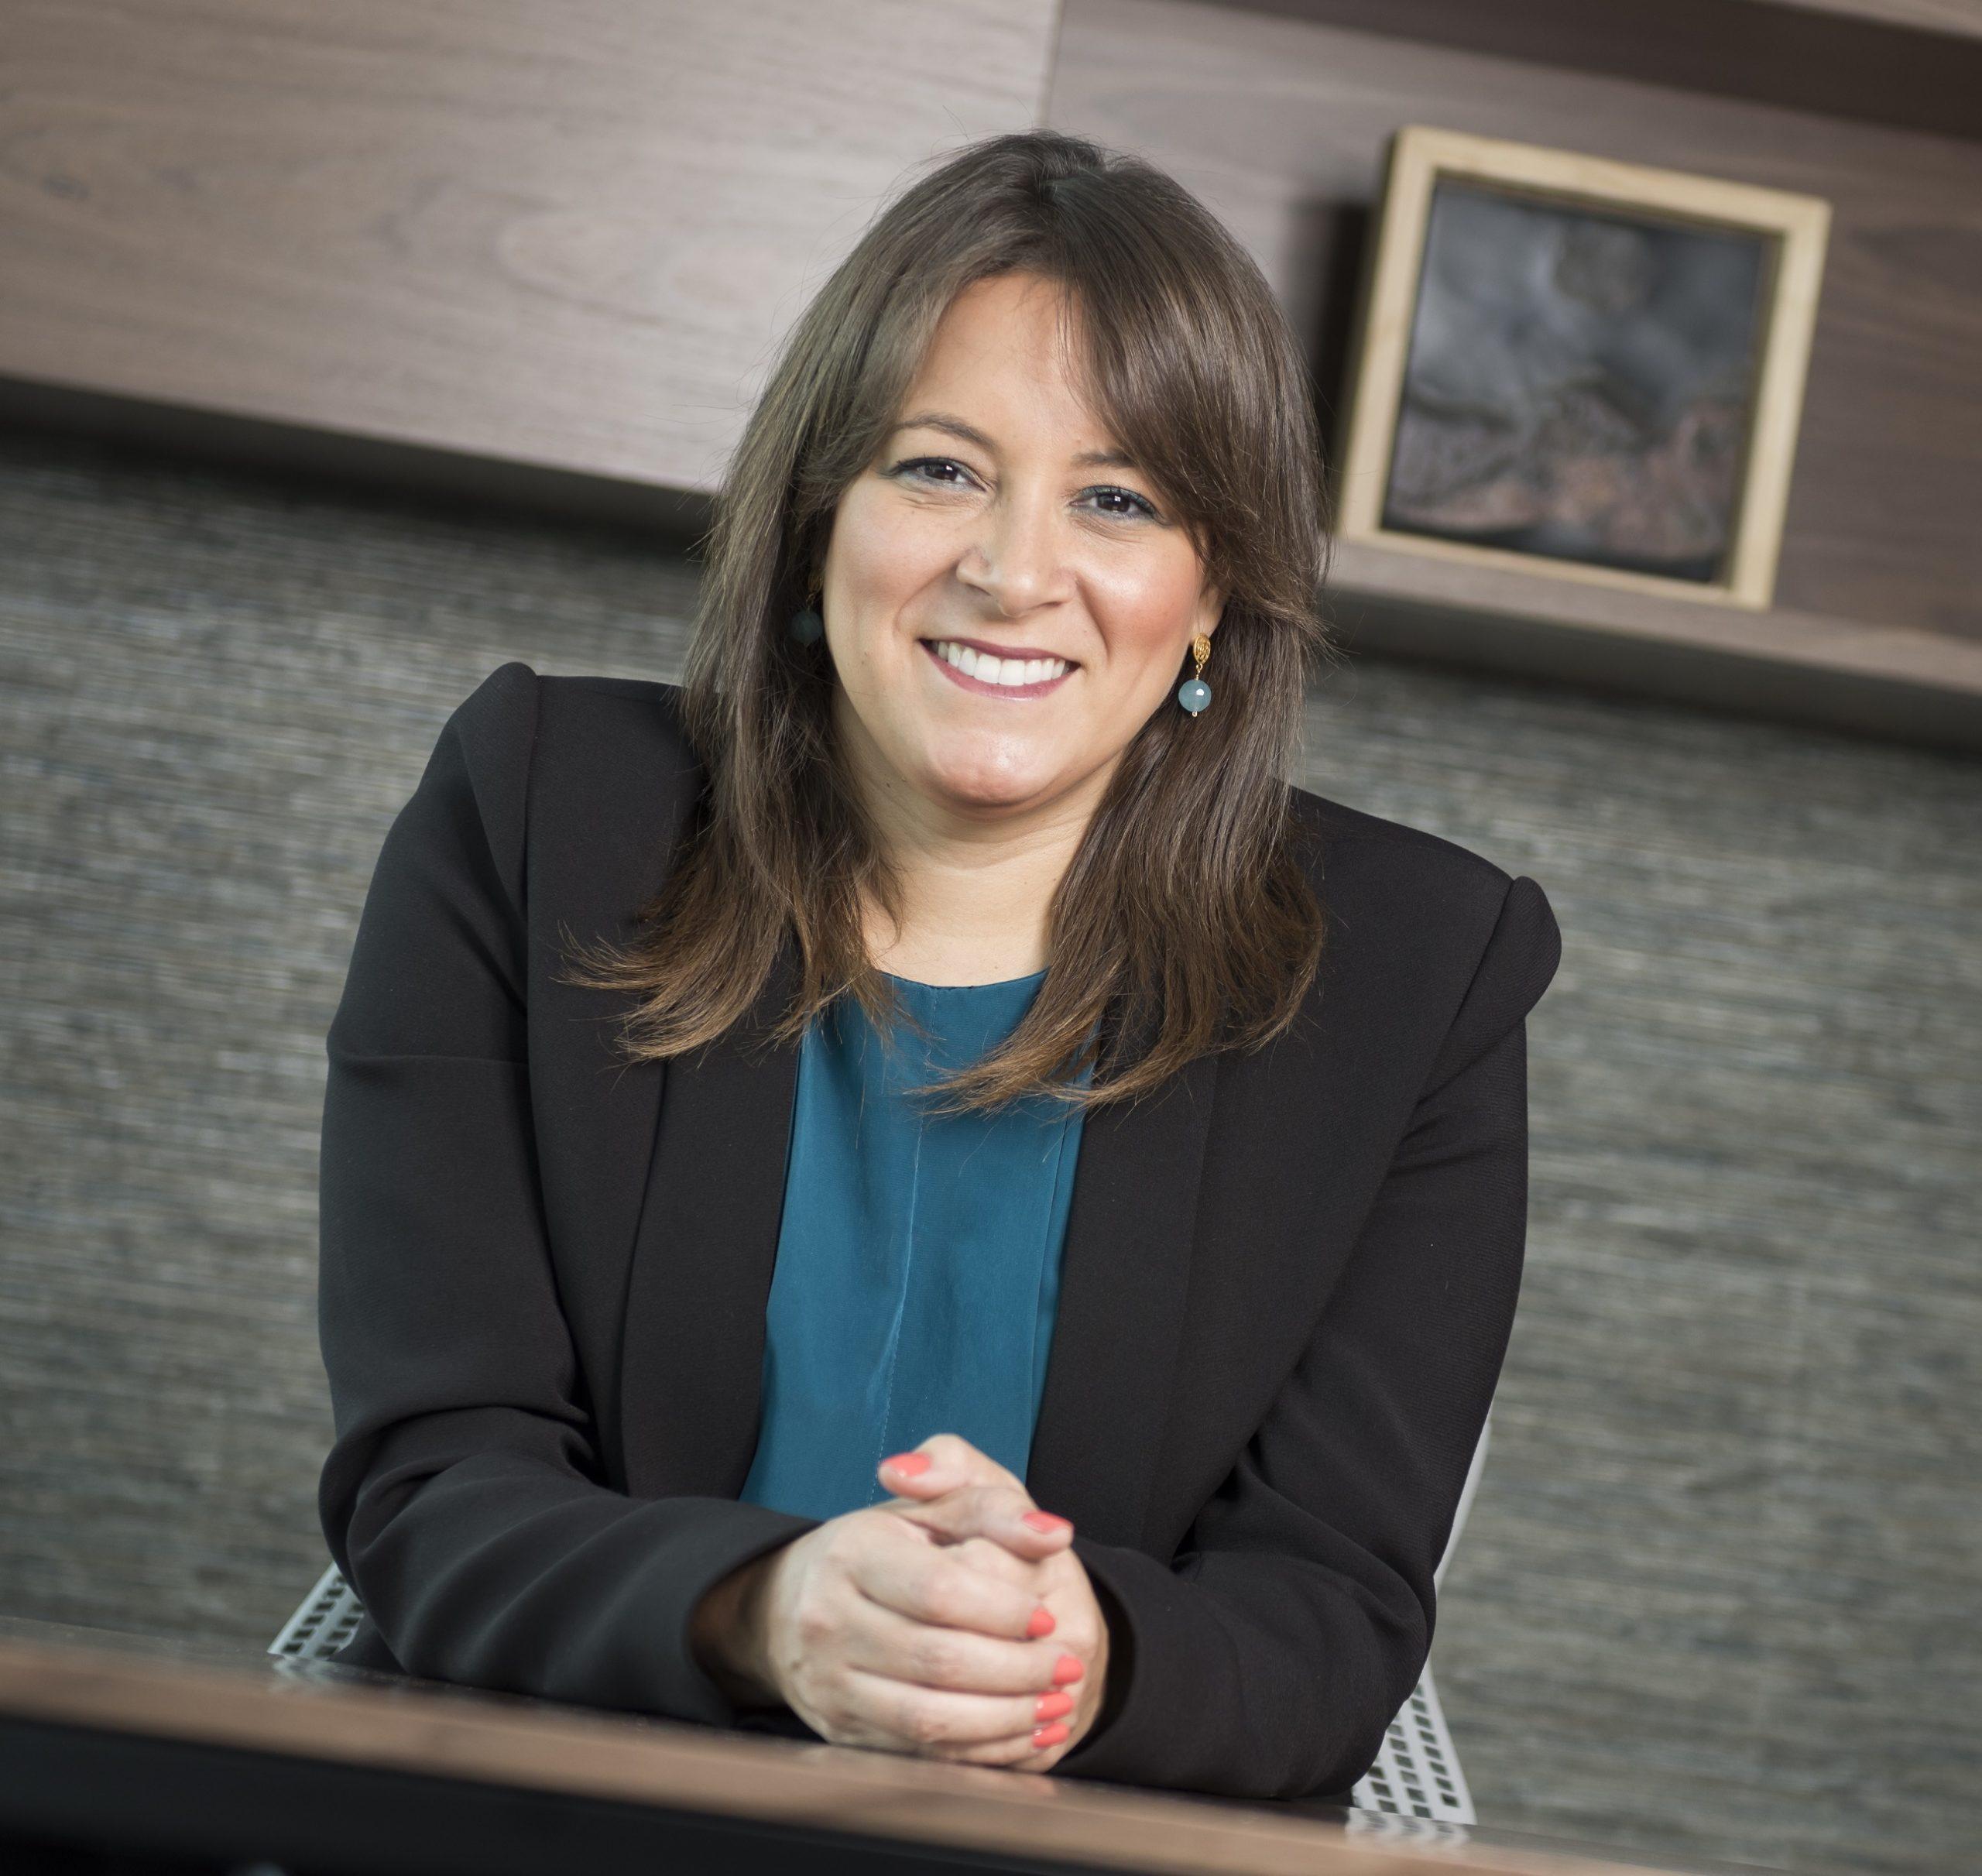 Tatyana María Orozco De La Cruz